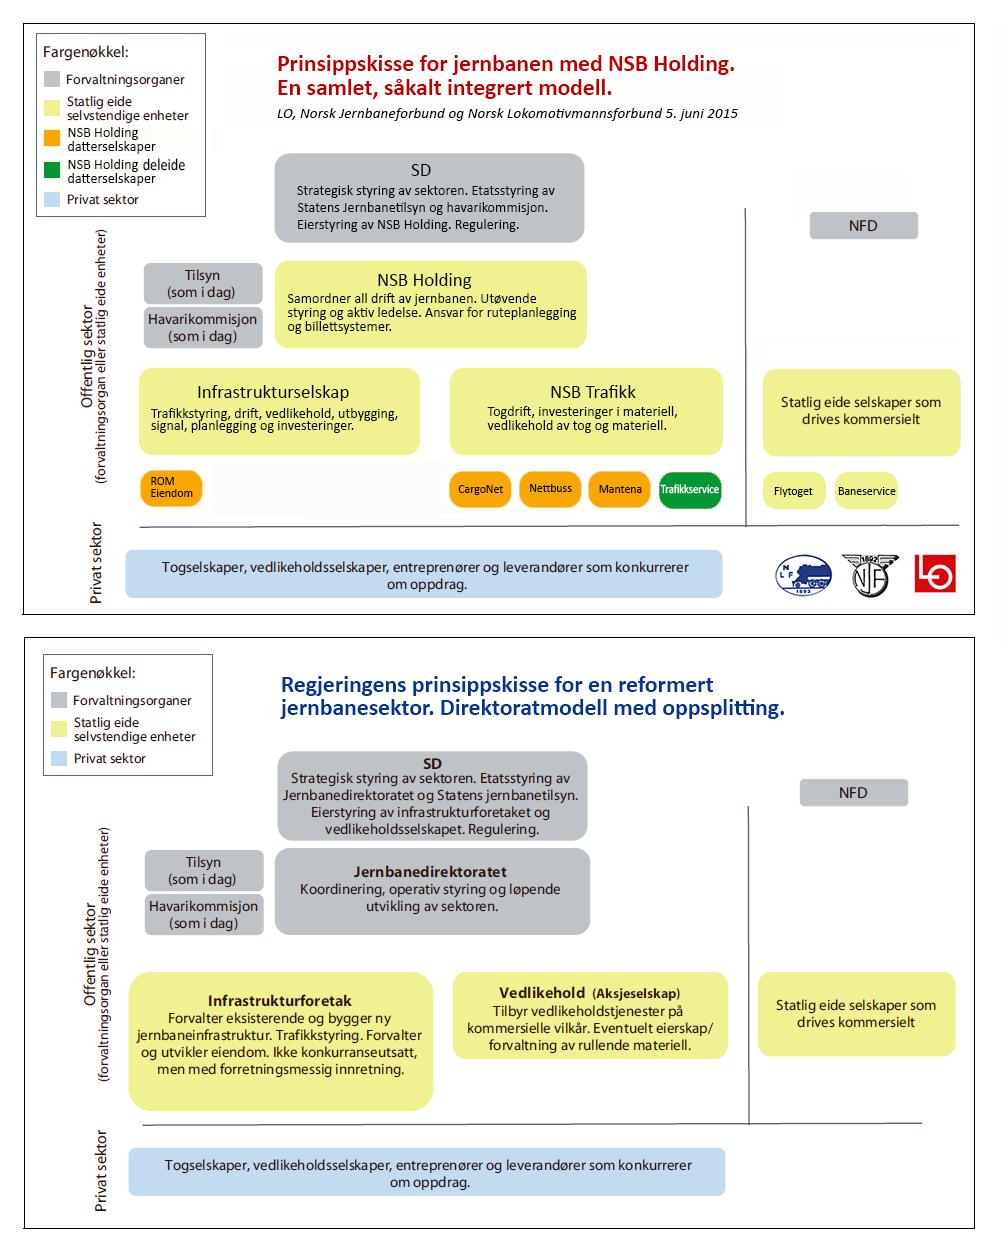 Jernbanereformen infografikk-2 illustrasjon-1